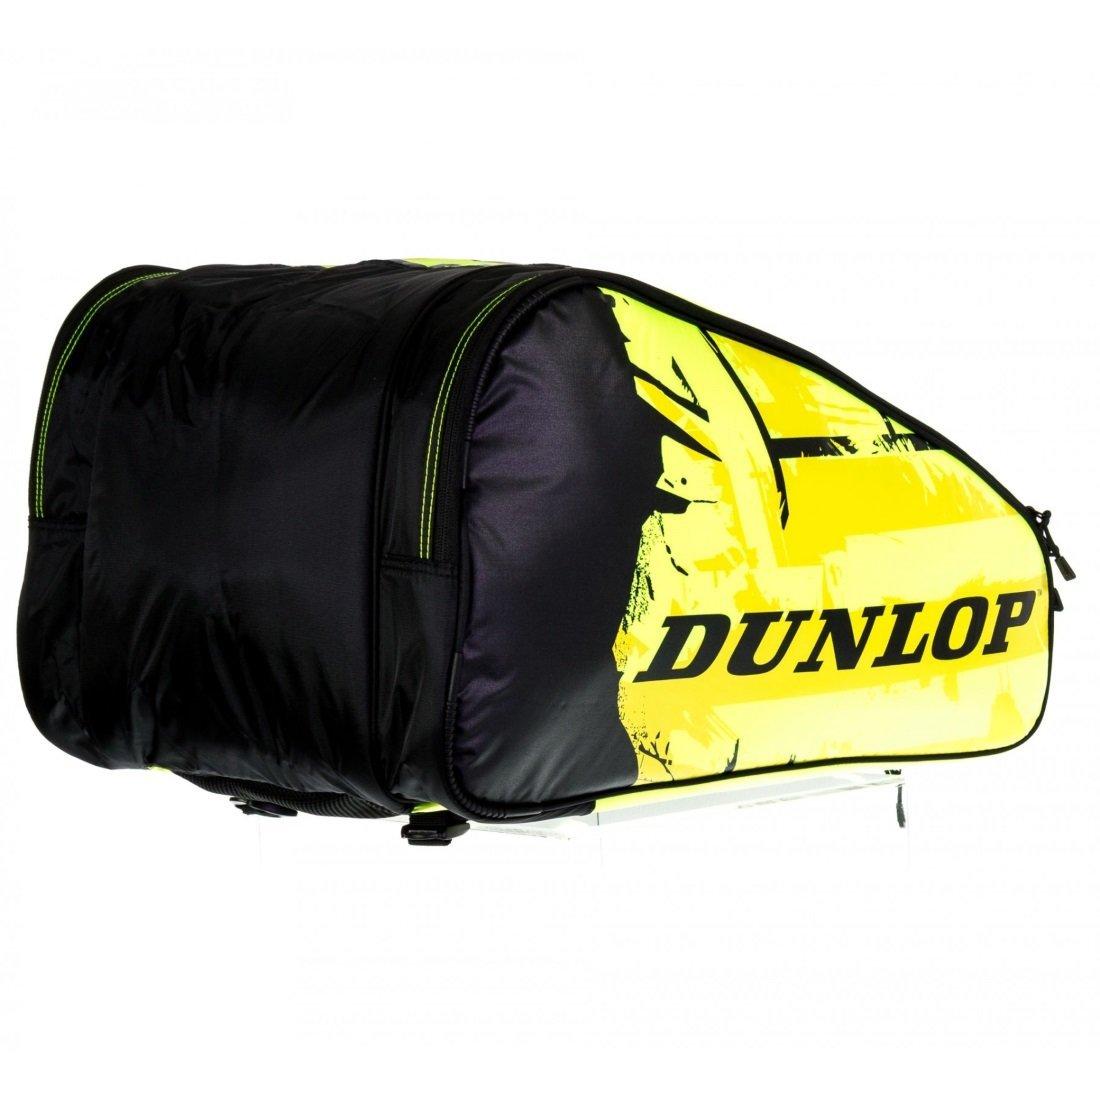 Dunlop Paletero Padel PRO negro / Amarillo: Amazon.es: Deportes y aire libre